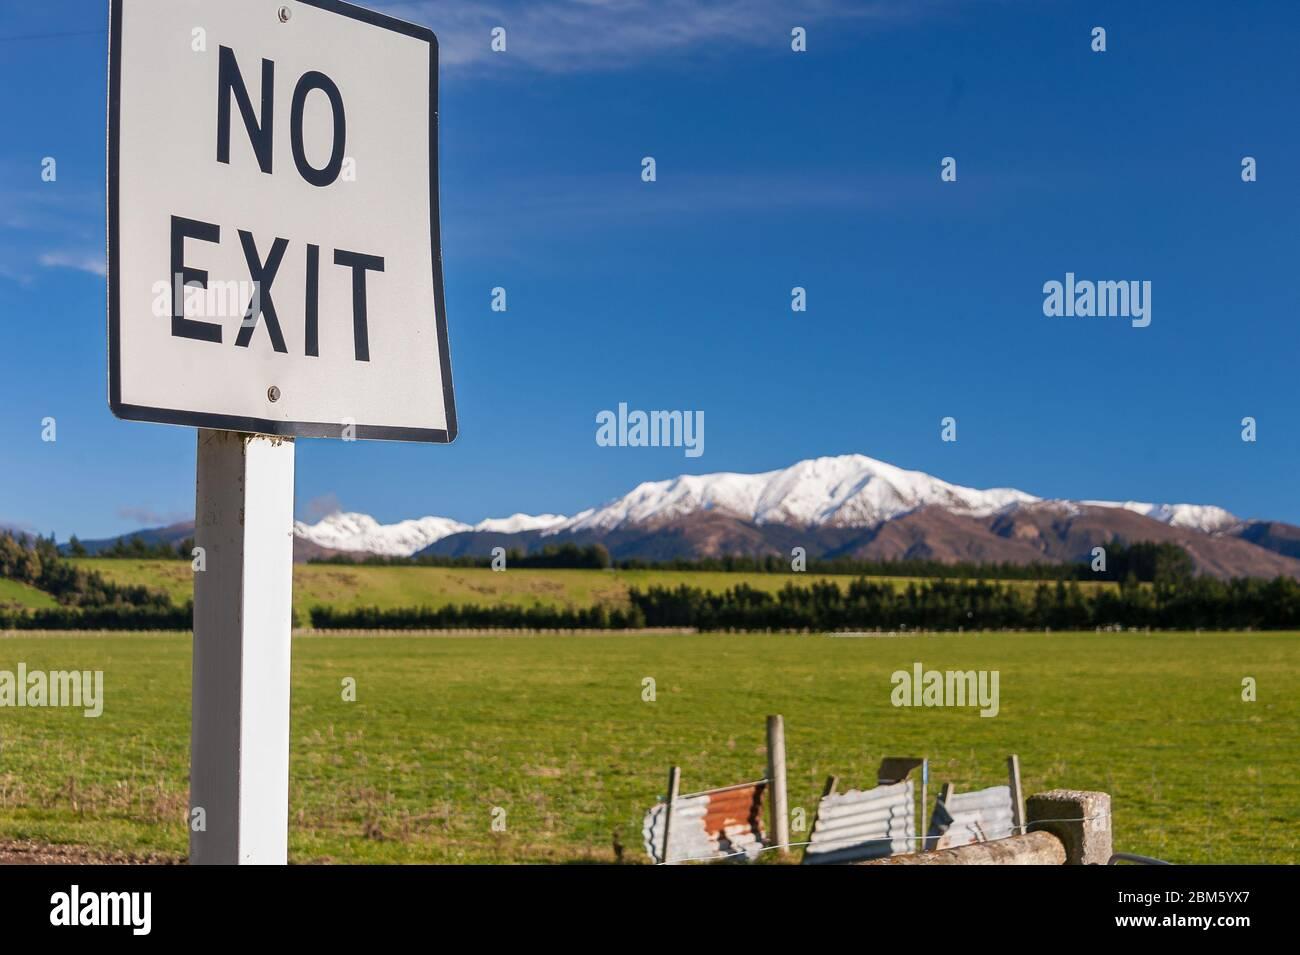 """Un cartel blanco pintado de """"no salir"""" advierte a los conductores de un no a través de la carretera que está por delante. Letreros blancos en un paisaje de luz con montañas y un cielo azul claro Foto de stock"""